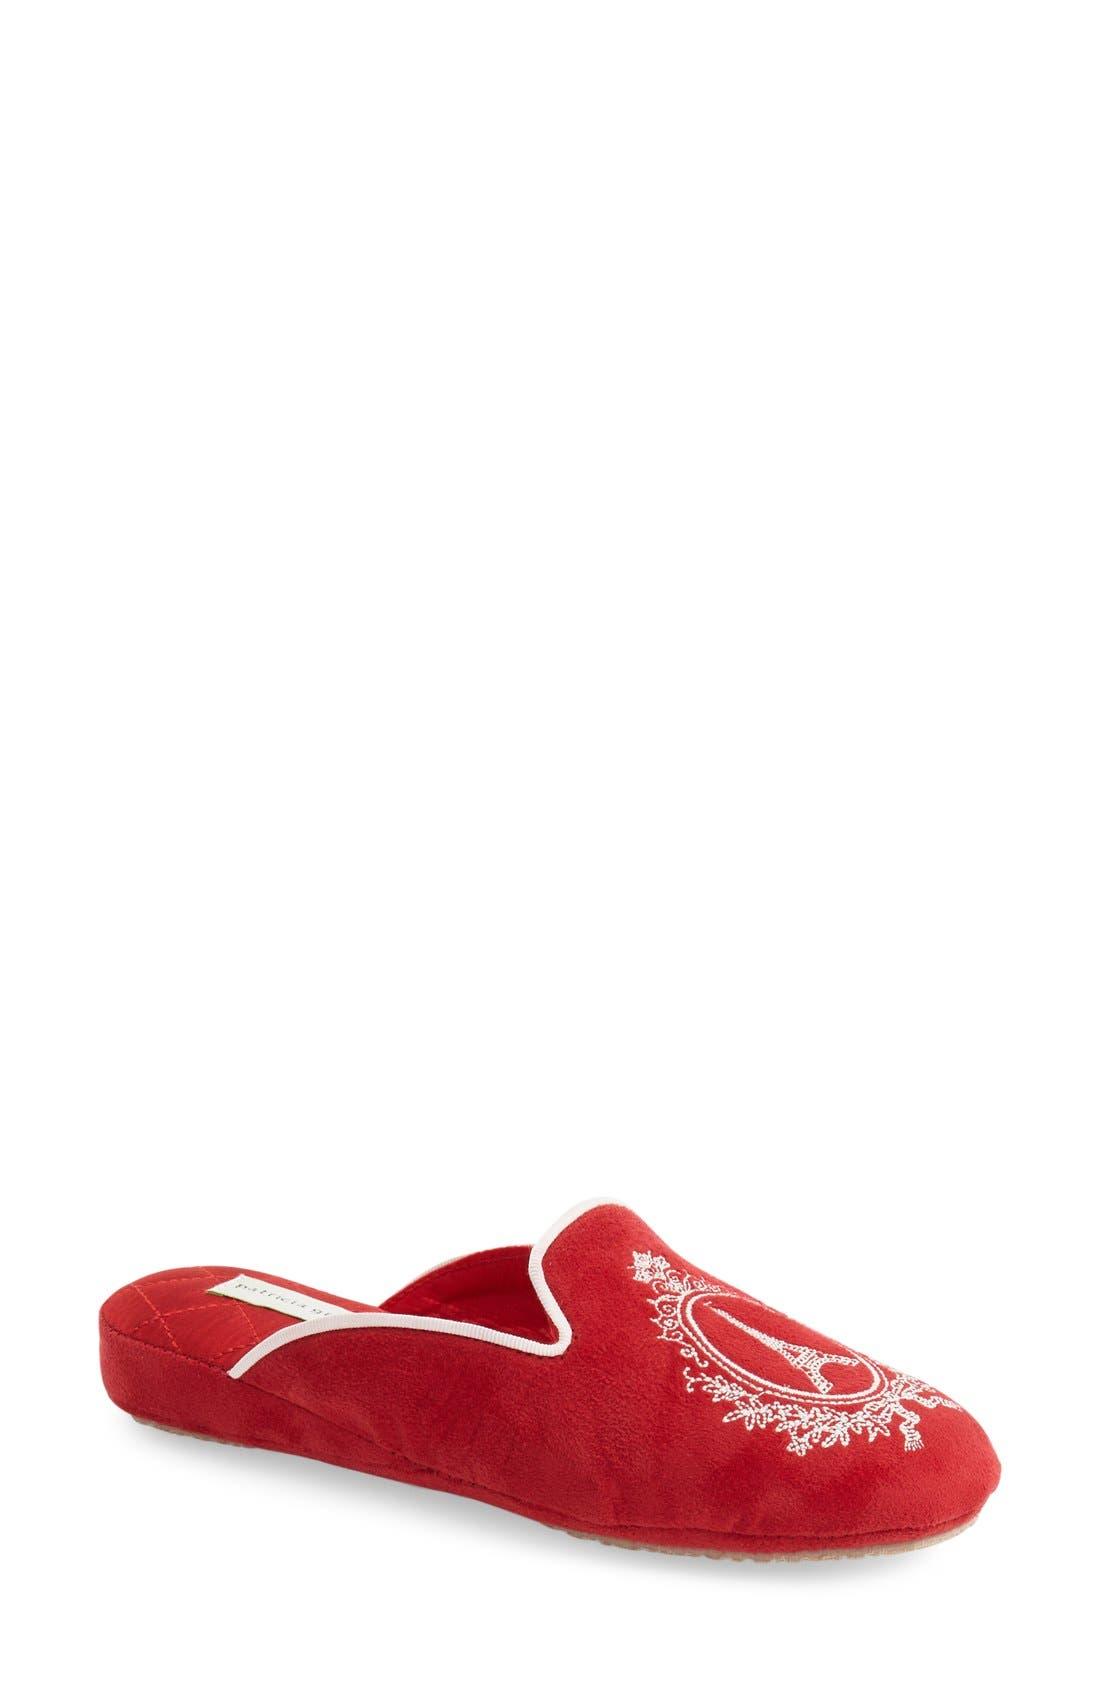 'Paris' Slipper,                         Main,                         color, Red Suede